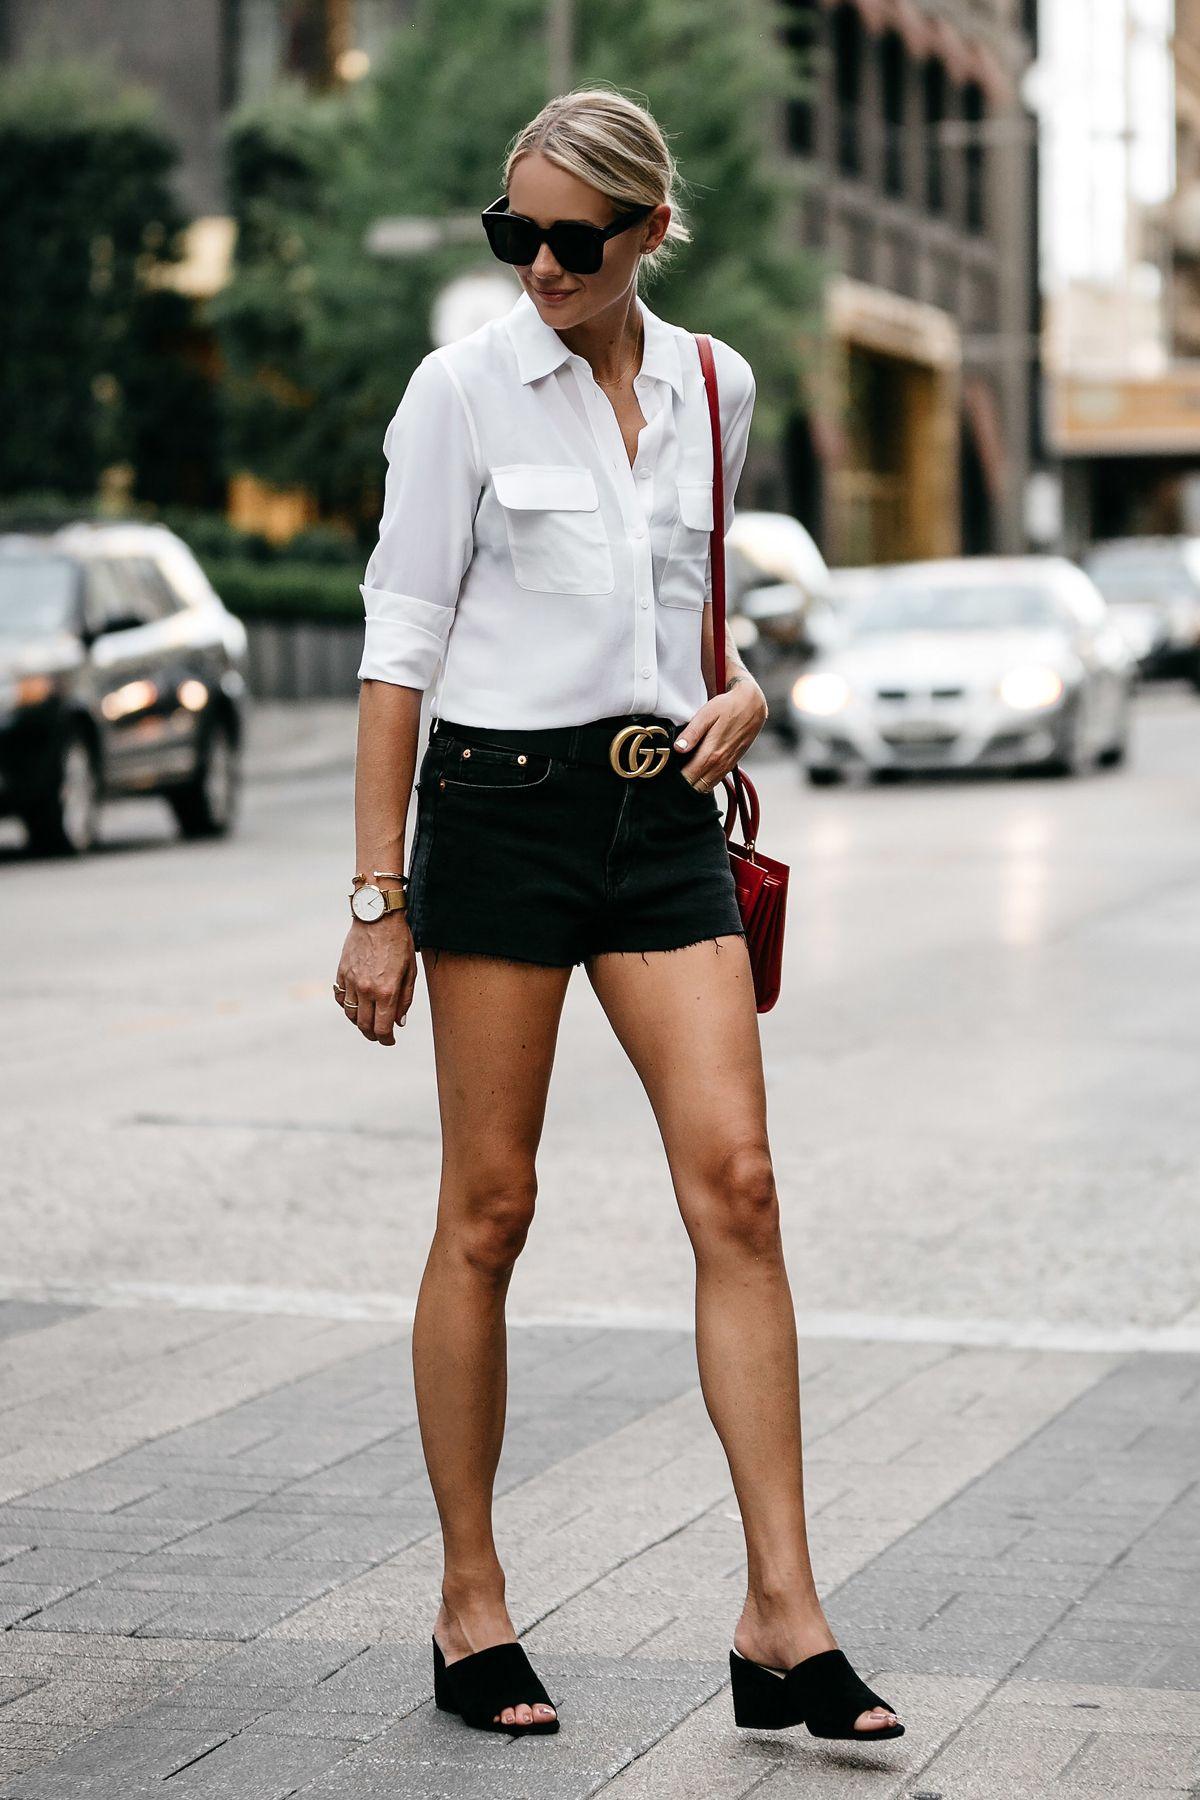 373072a63ce Blonde Woman Wearing White Button Down Shirt Black Denim Shorts Outfit  Saint Laurent Sac De Jour Red Handbag Black Mules Gucci Marmont Belt  Fashion Jackson ...